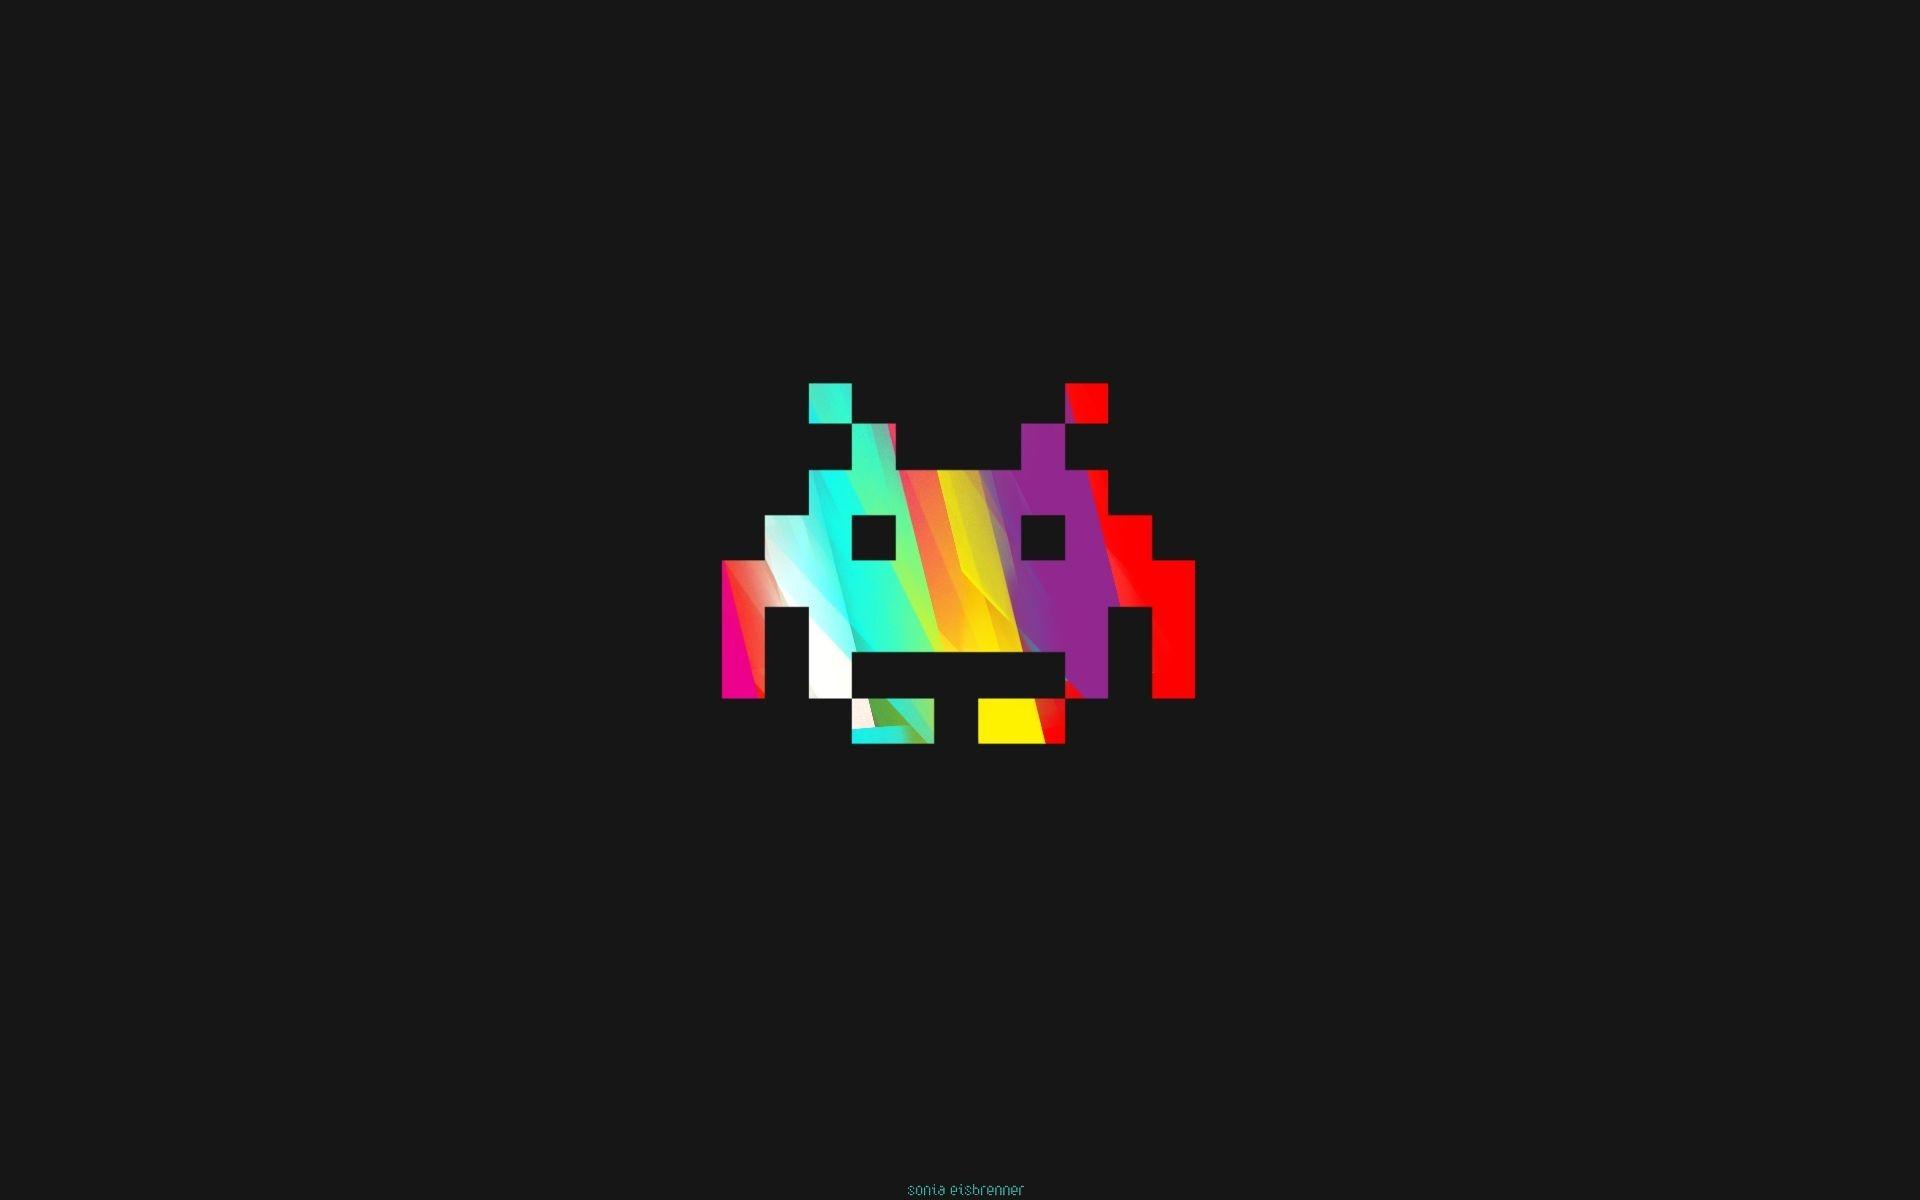 ilustração videogames minimalismo texto logotipo Invasores do espaço Jogos  retro Marca linha Captura de tela Papel